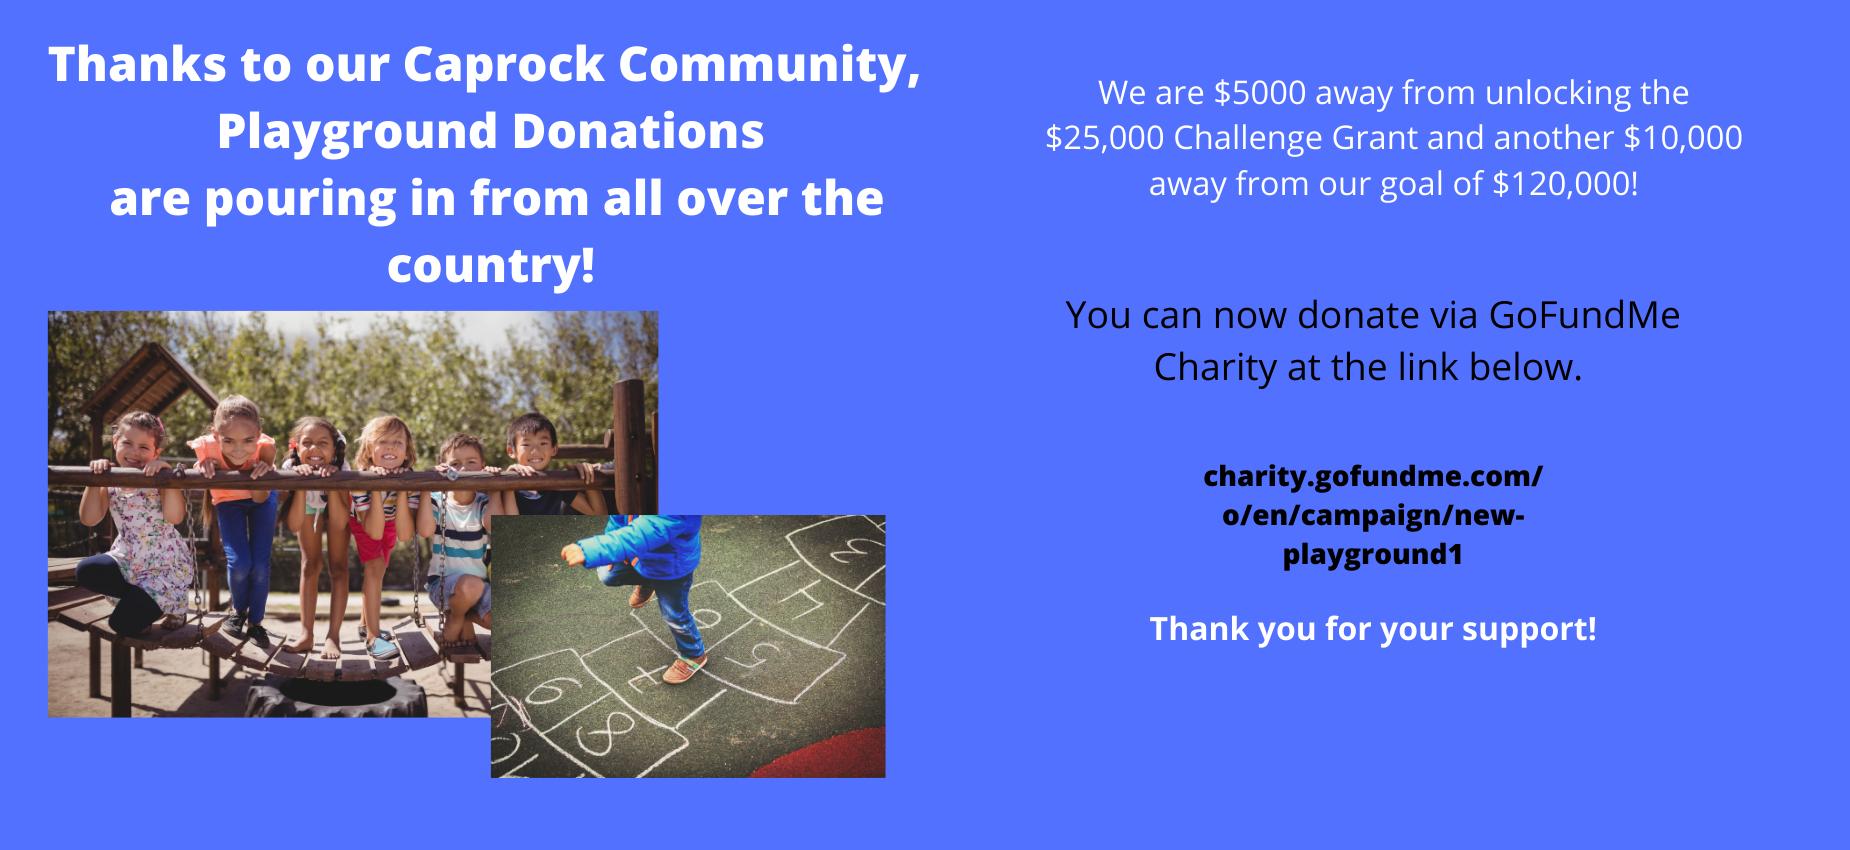 Playground Donations Update